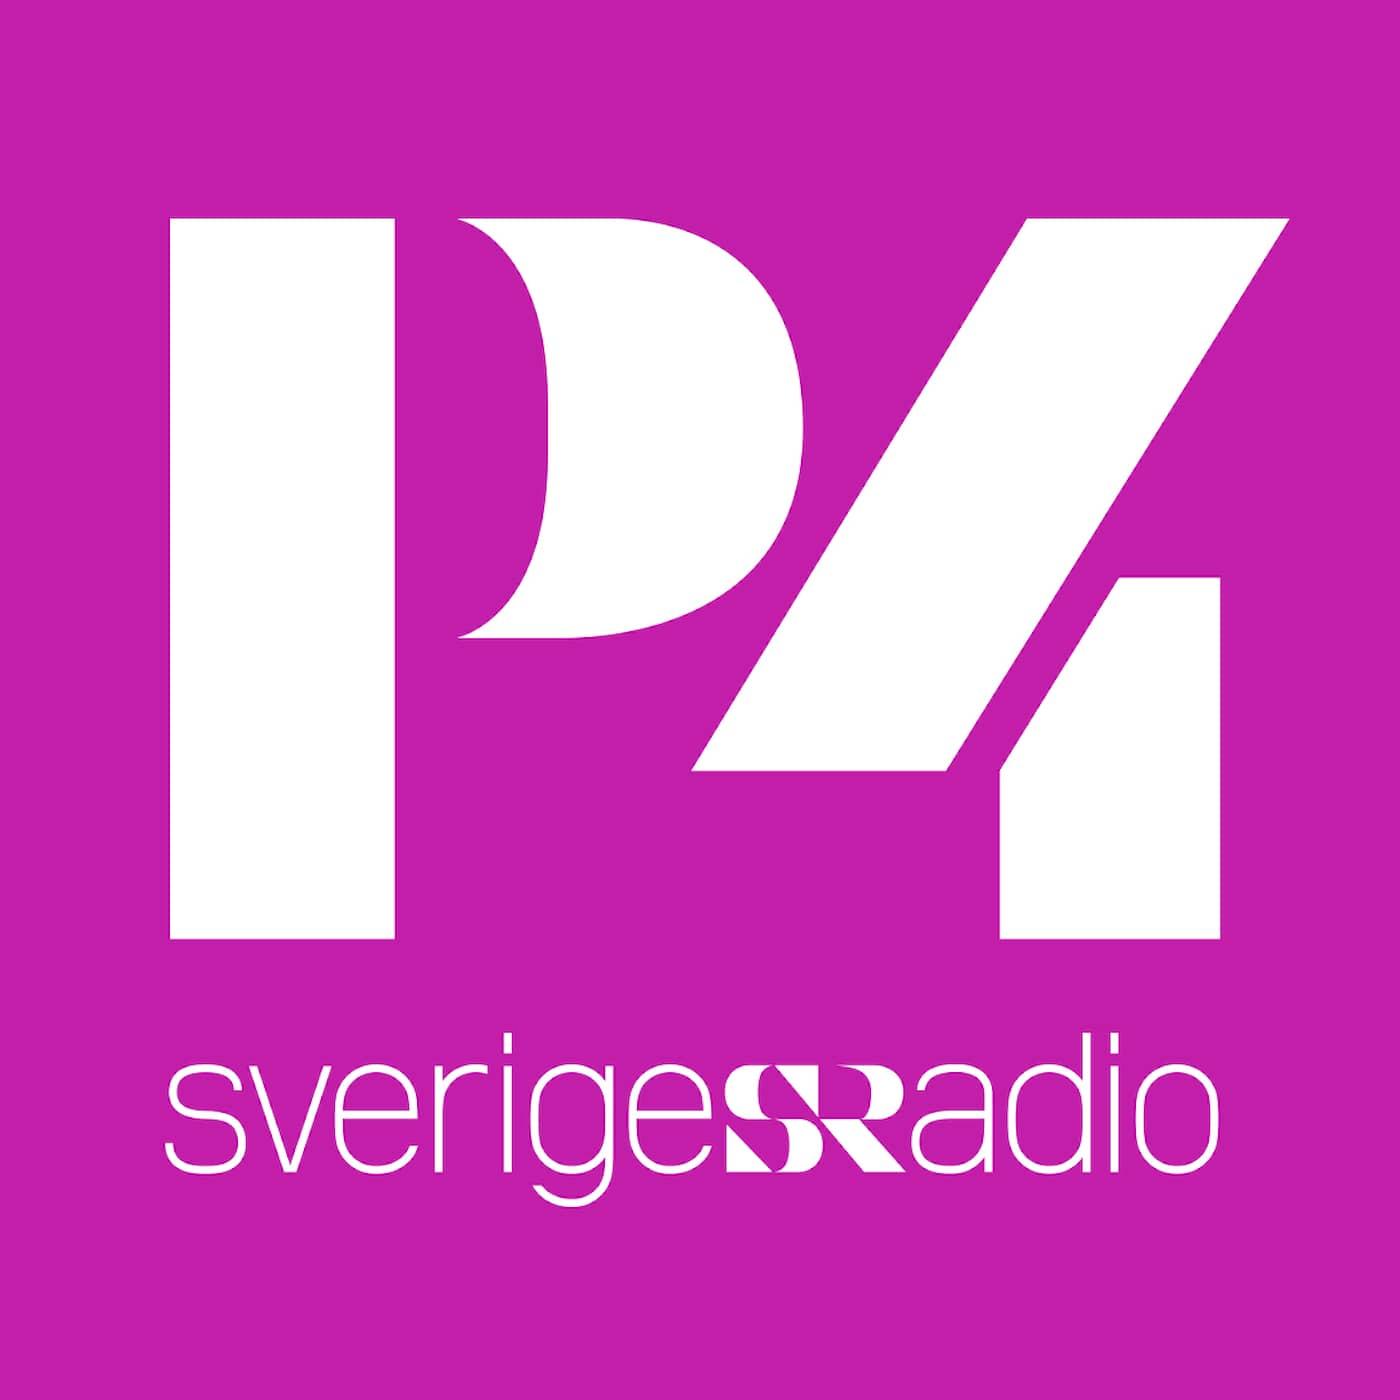 Trafik P4 Göteborg 20211023 16.10 (00.21) 2021-10-23 kl. 16.11